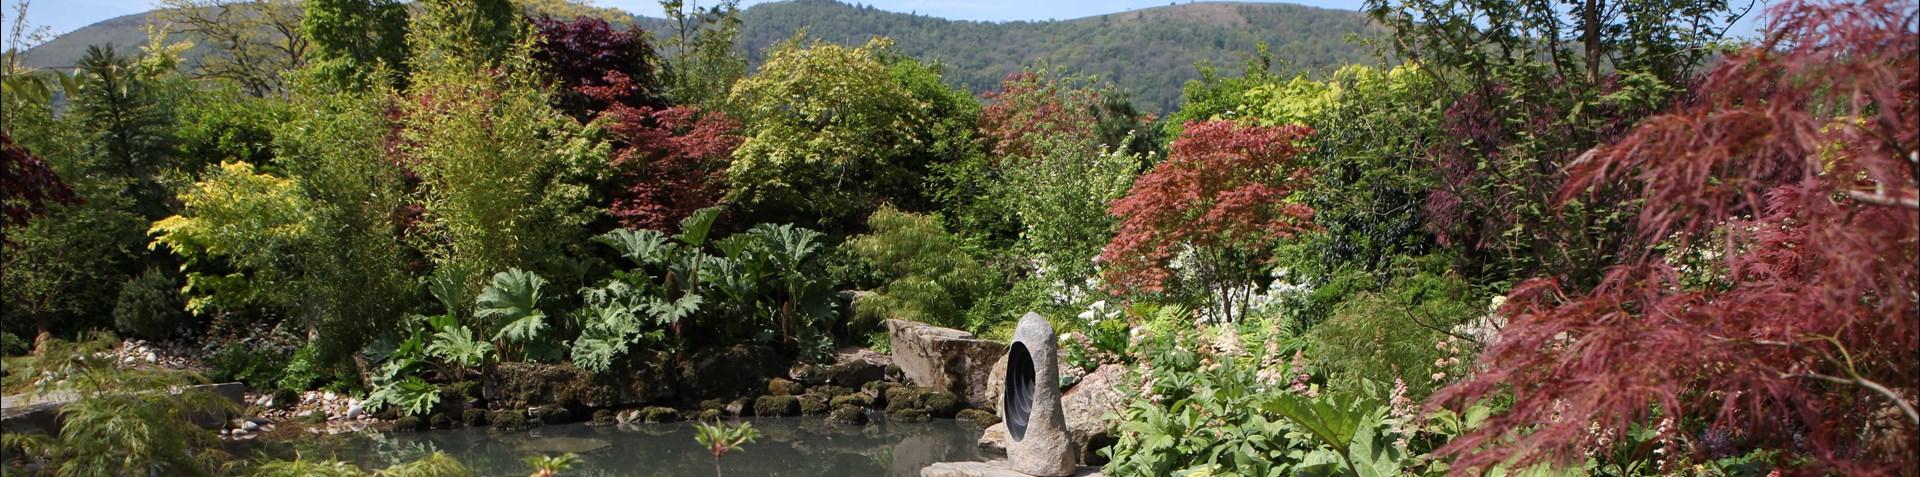 rhs-malvern-show-garden.jpg